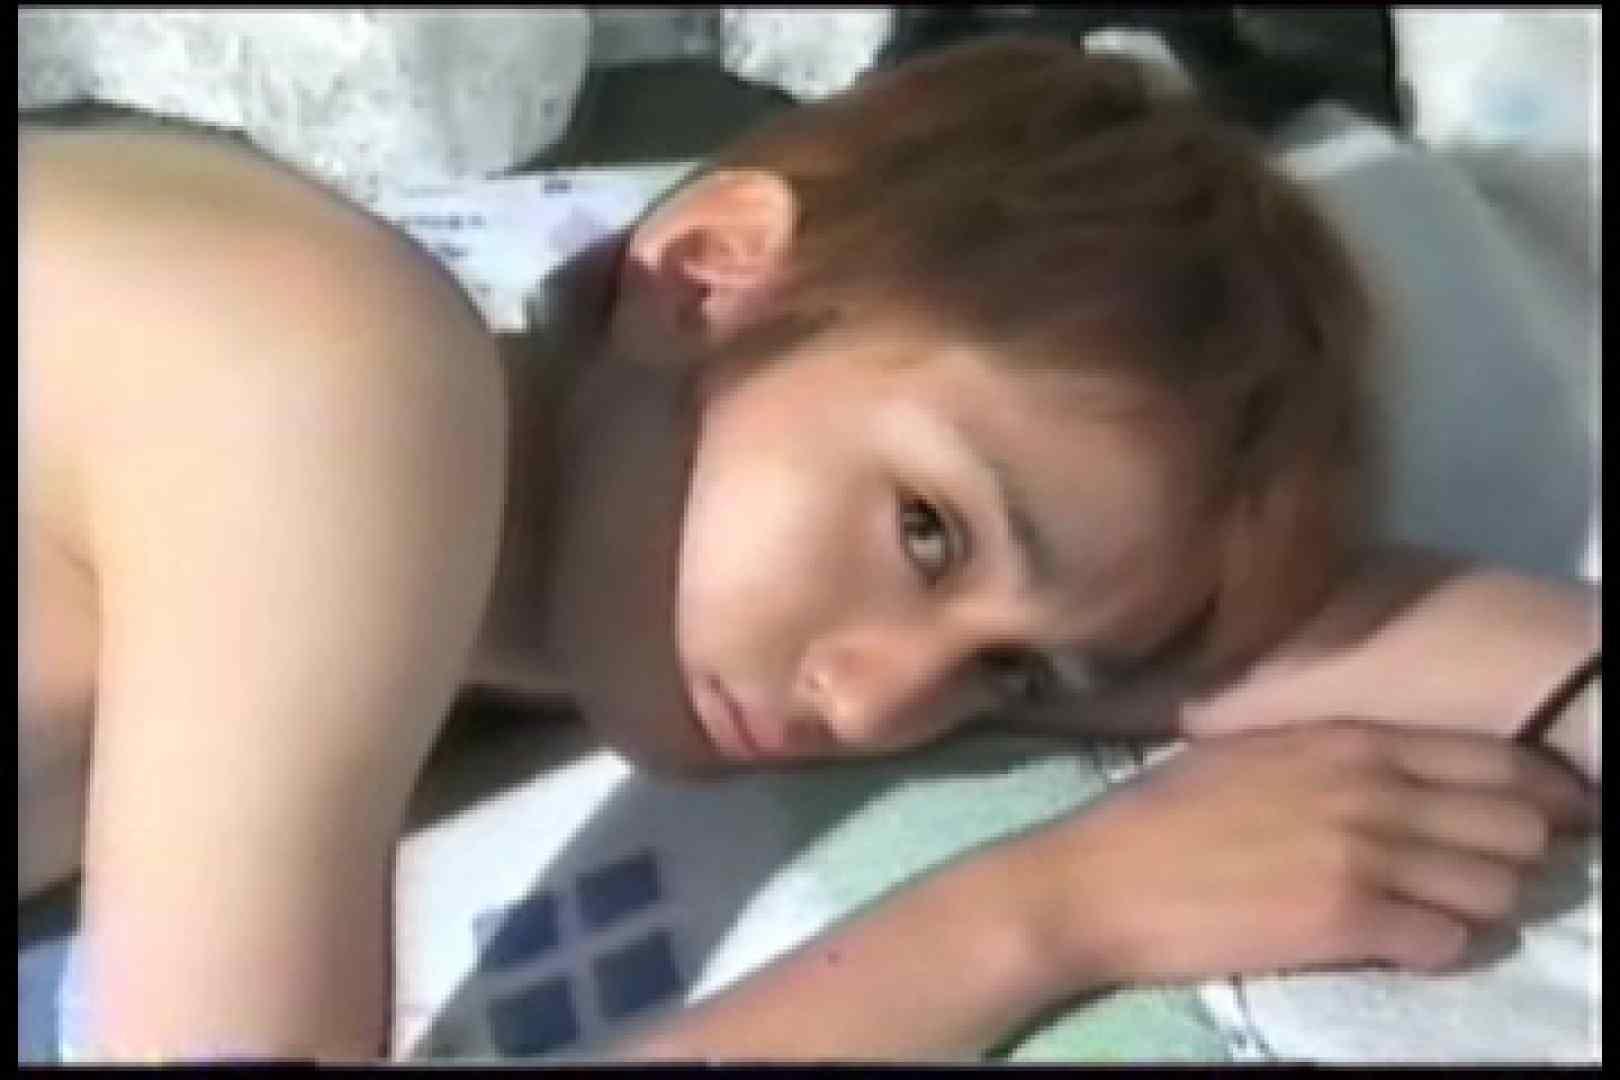 【流出】アイドルを目指したジャニ系イケメンの過去 射精 GAY無修正エロ動画 107枚 22